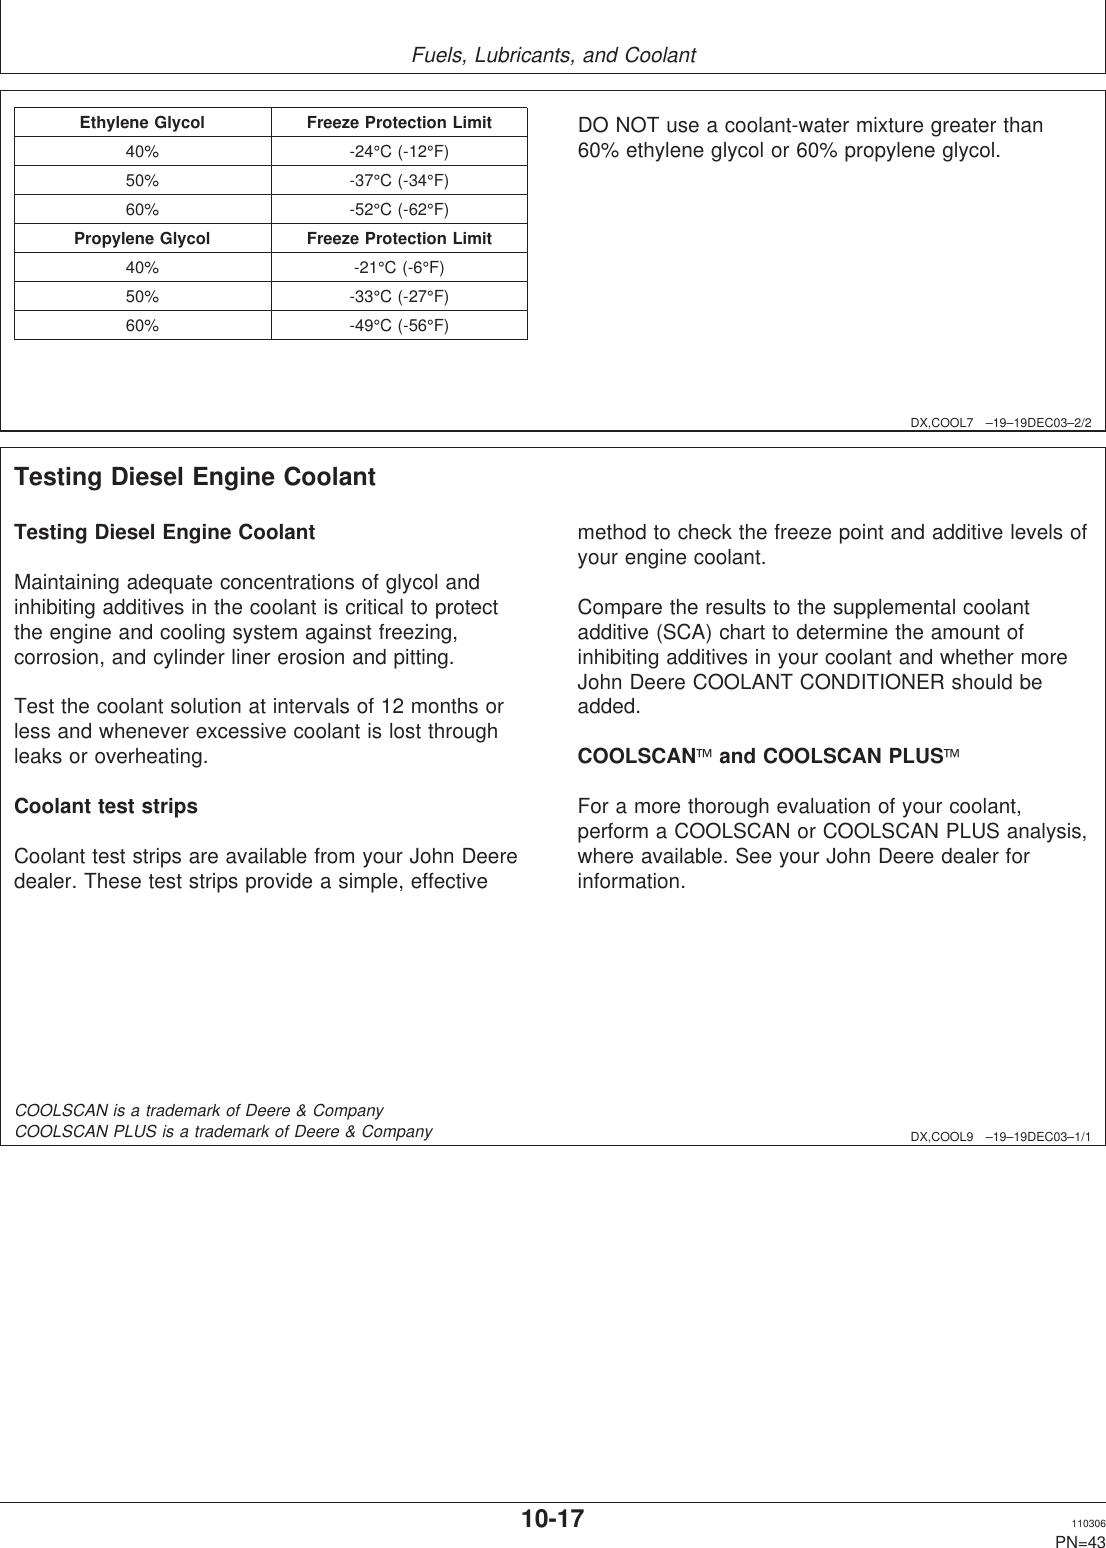 Powertec Omrg25204 Users Manual 030358UNIT